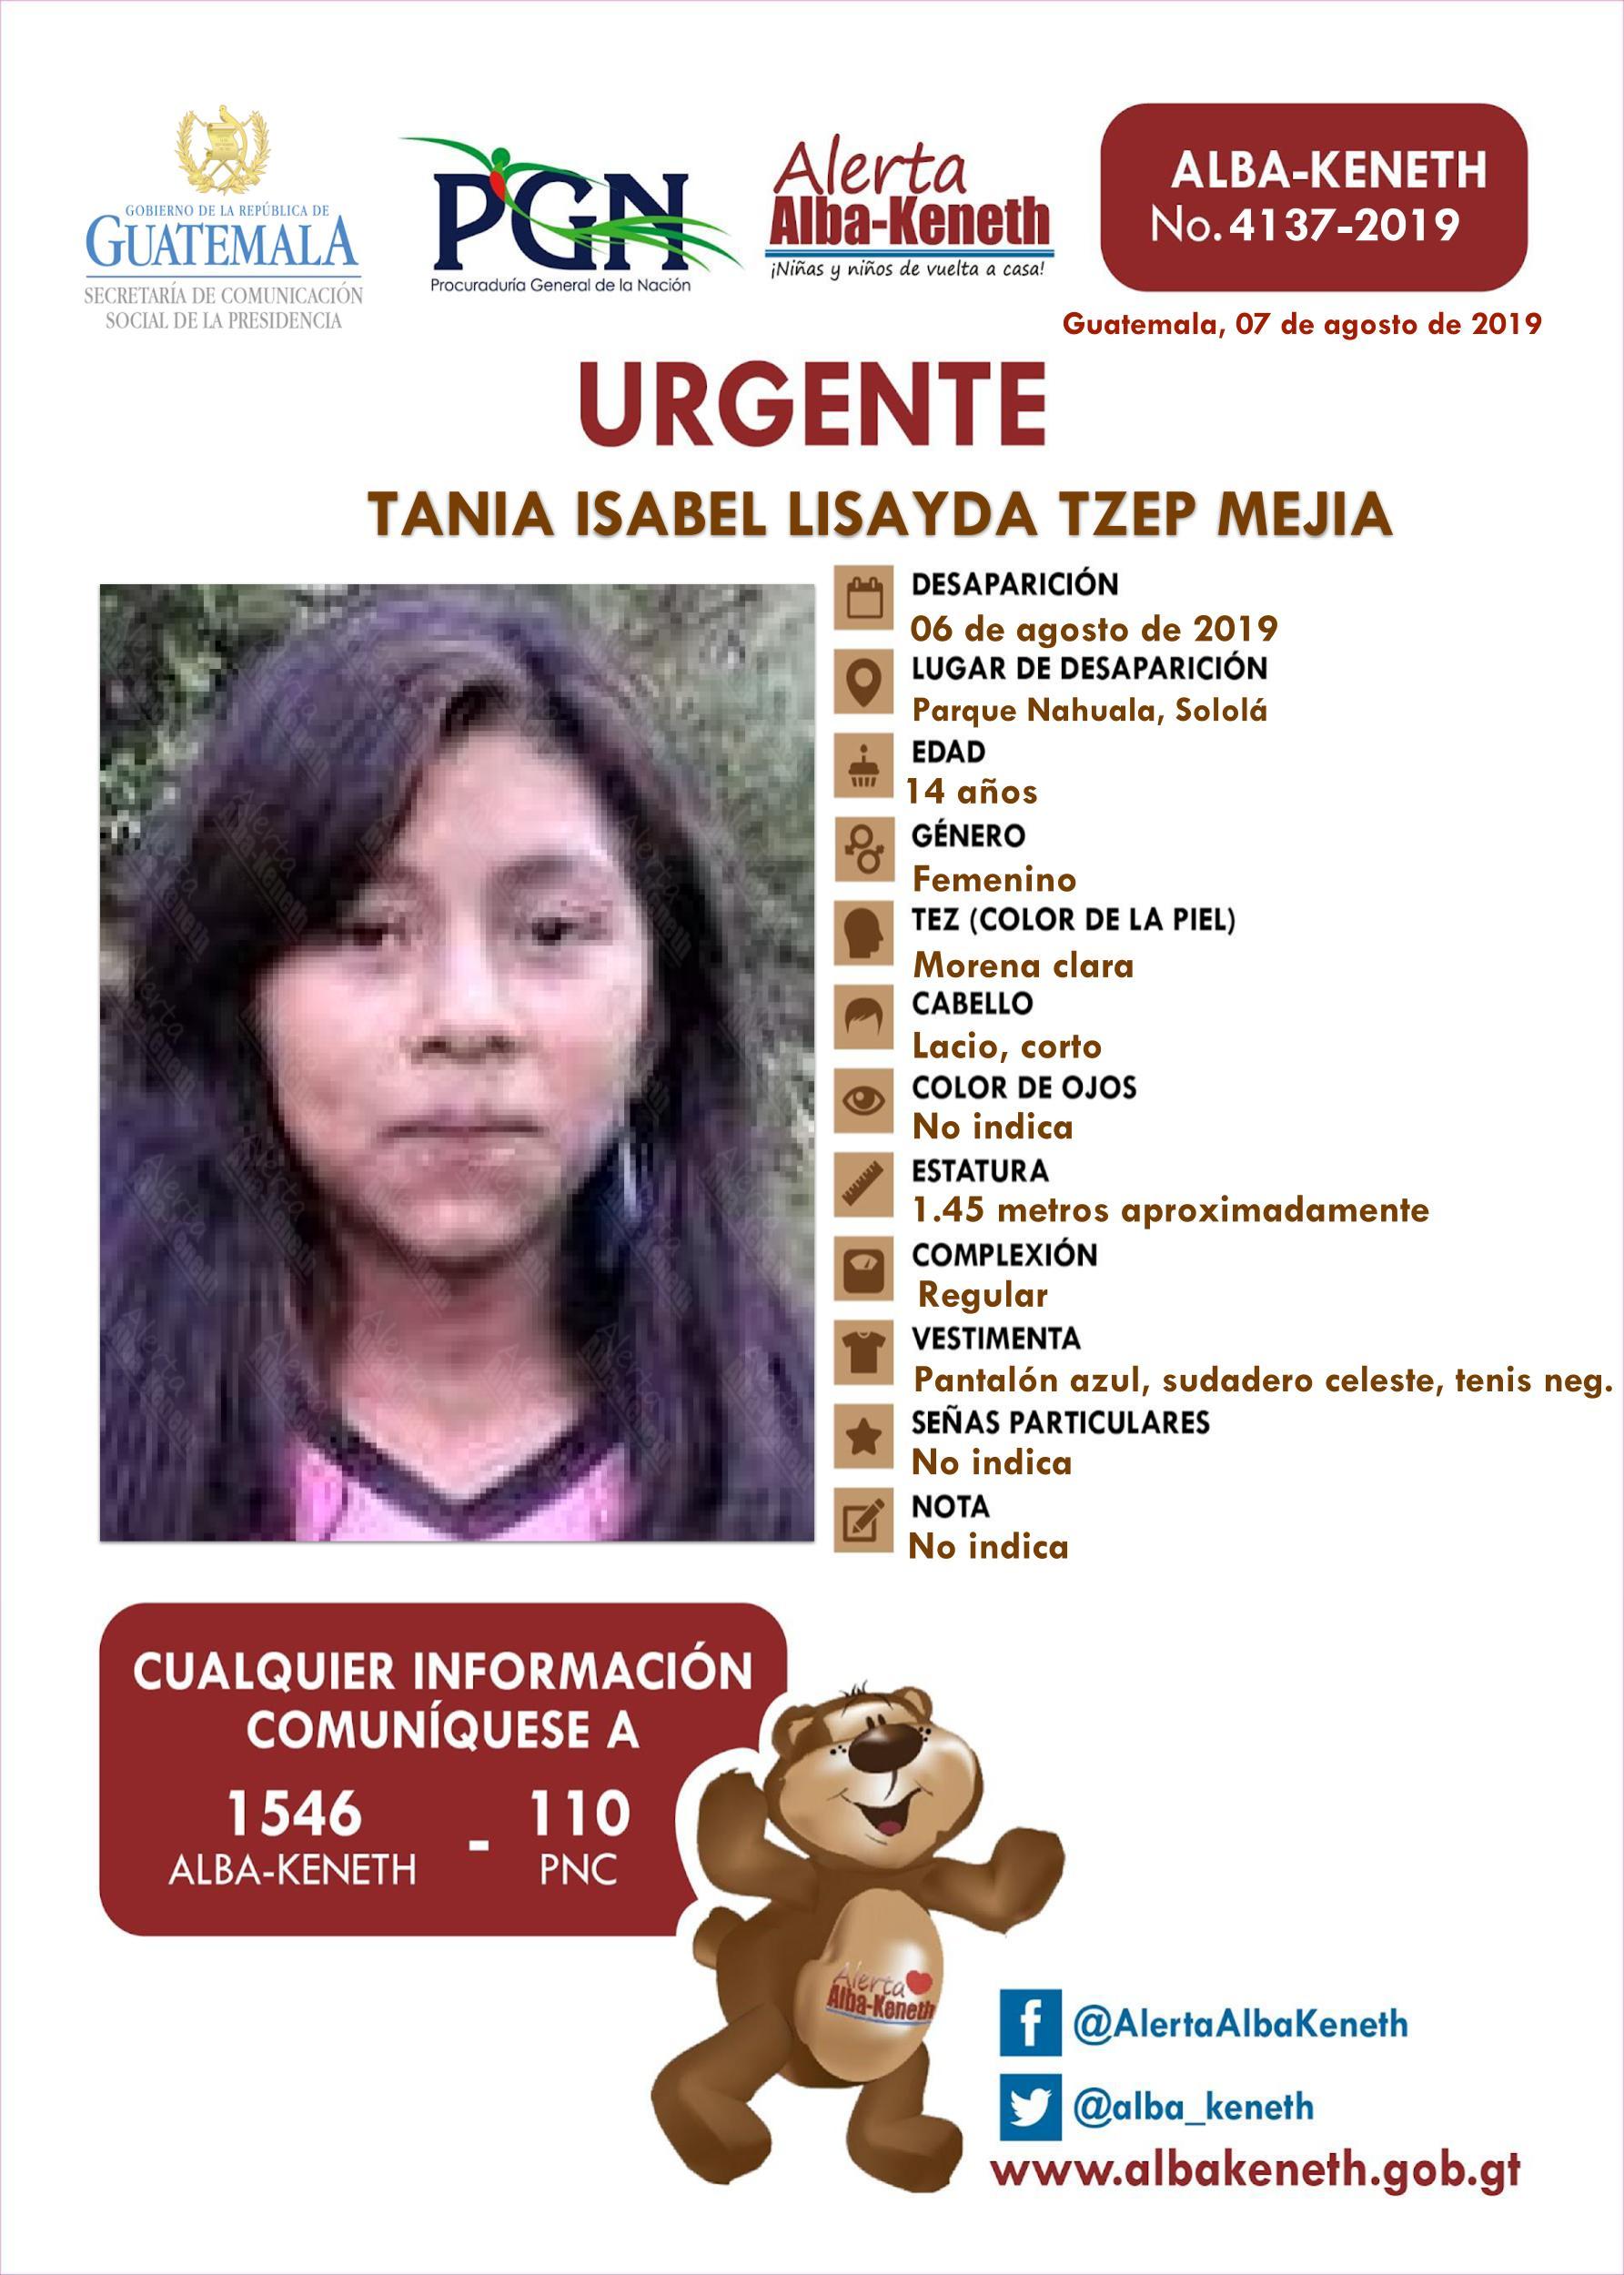 Tania Isabel Lisayda Tzep Mejia